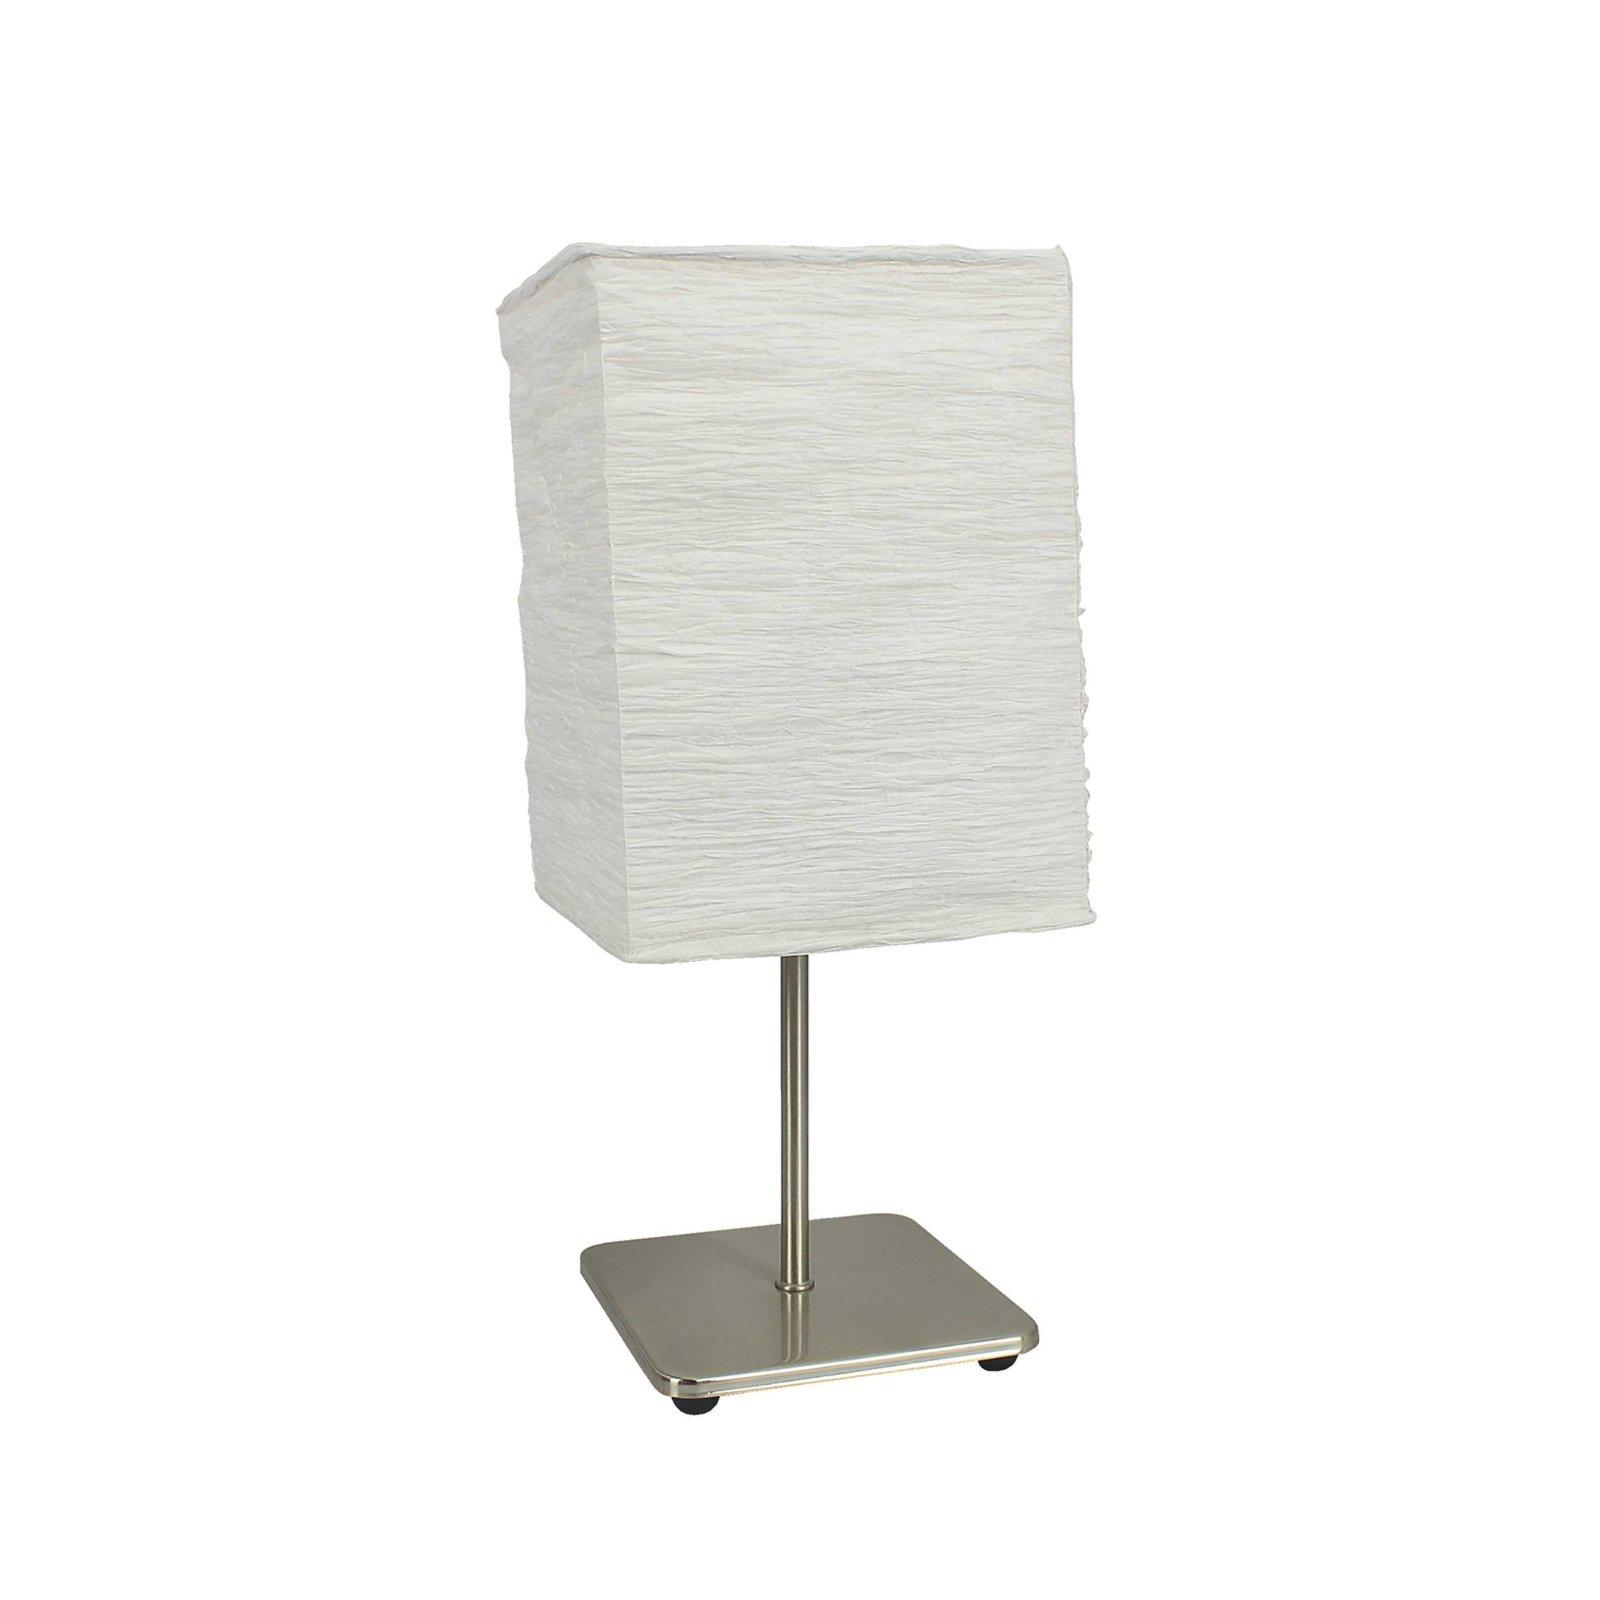 LAMPURA Tischleuchte LIANA - weiß - Metallfuß